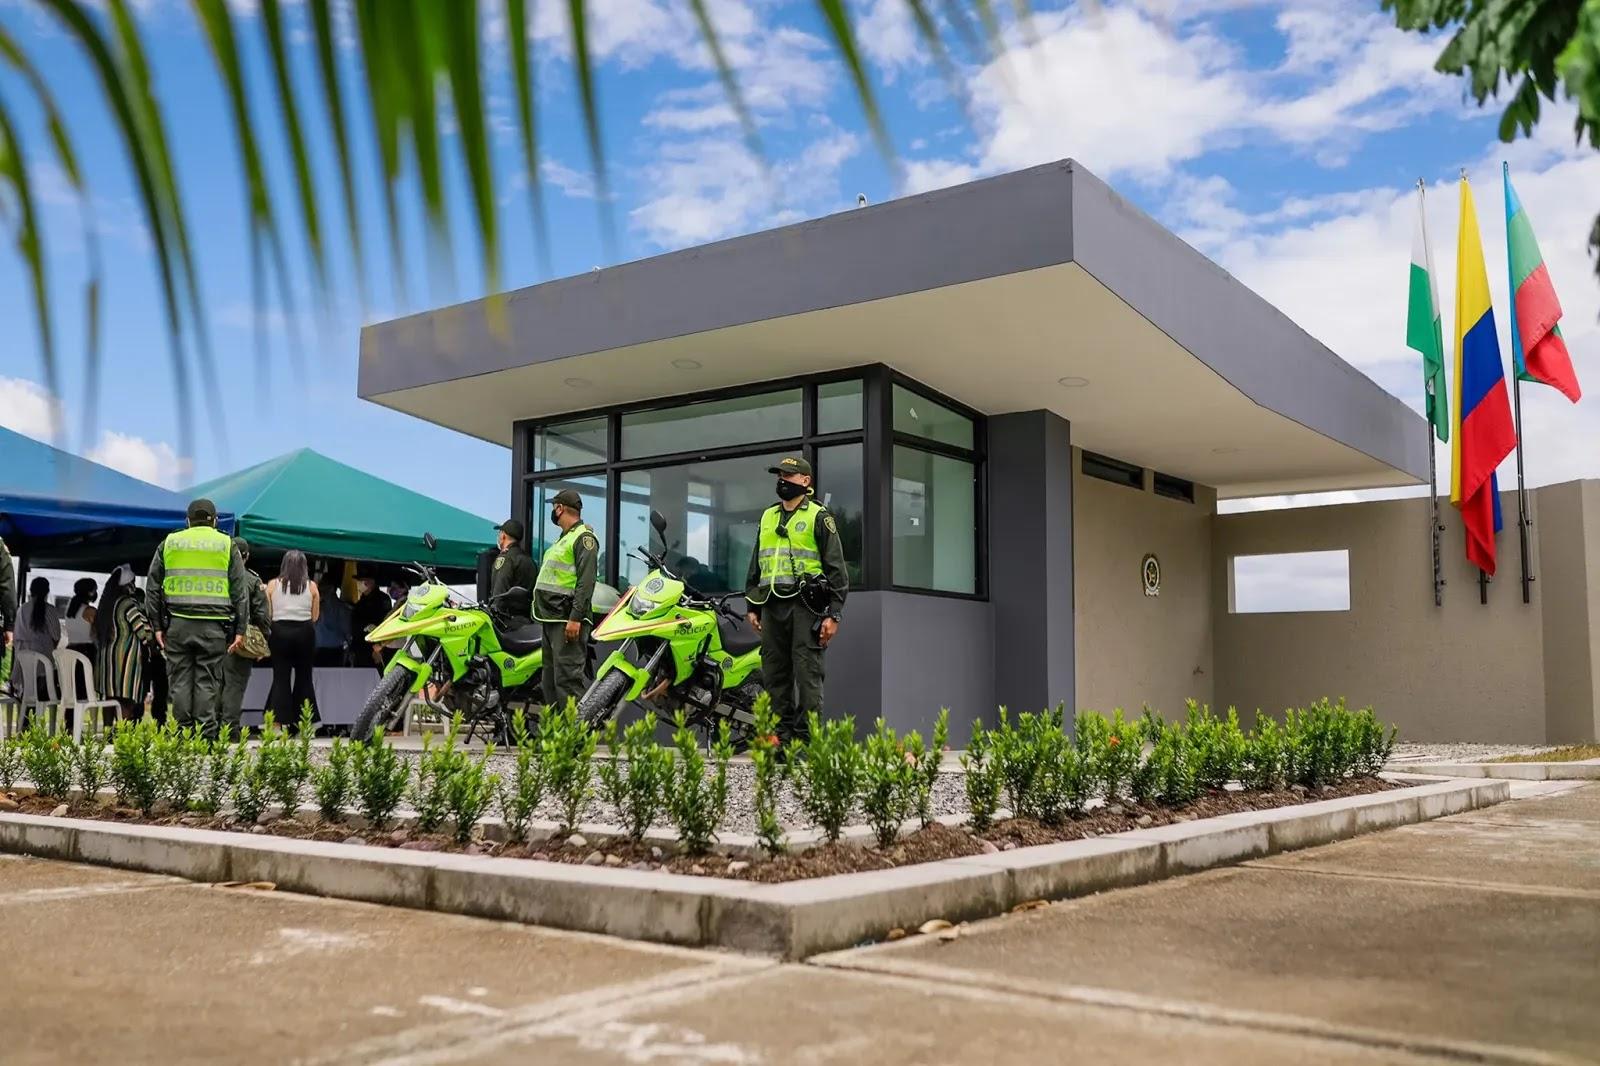 De acuerdo con las autoridades, además de mejorar los índices de seguridad en este barrio y sectores aledaños como La Reliquia y Trece de Mayo